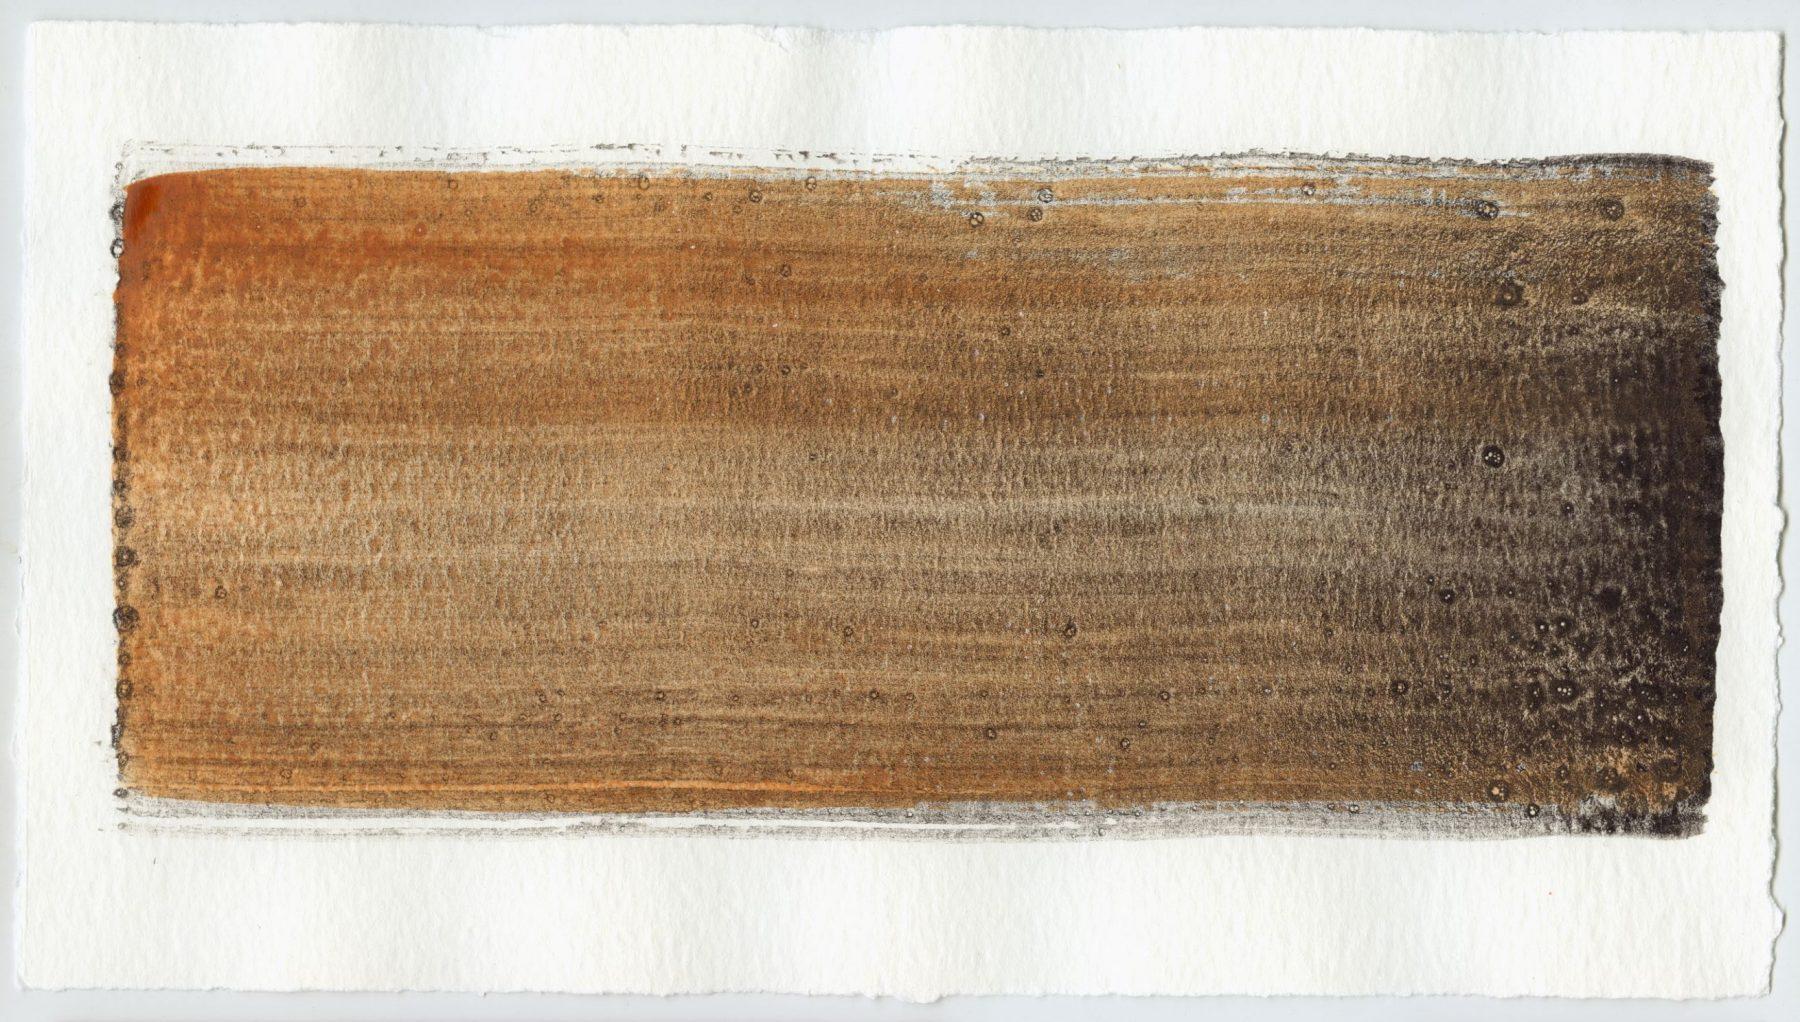 Brush stroke no. 54 - SOLD - Selfmade pigment: Mortel paarsgrijs grof, Boekels roze